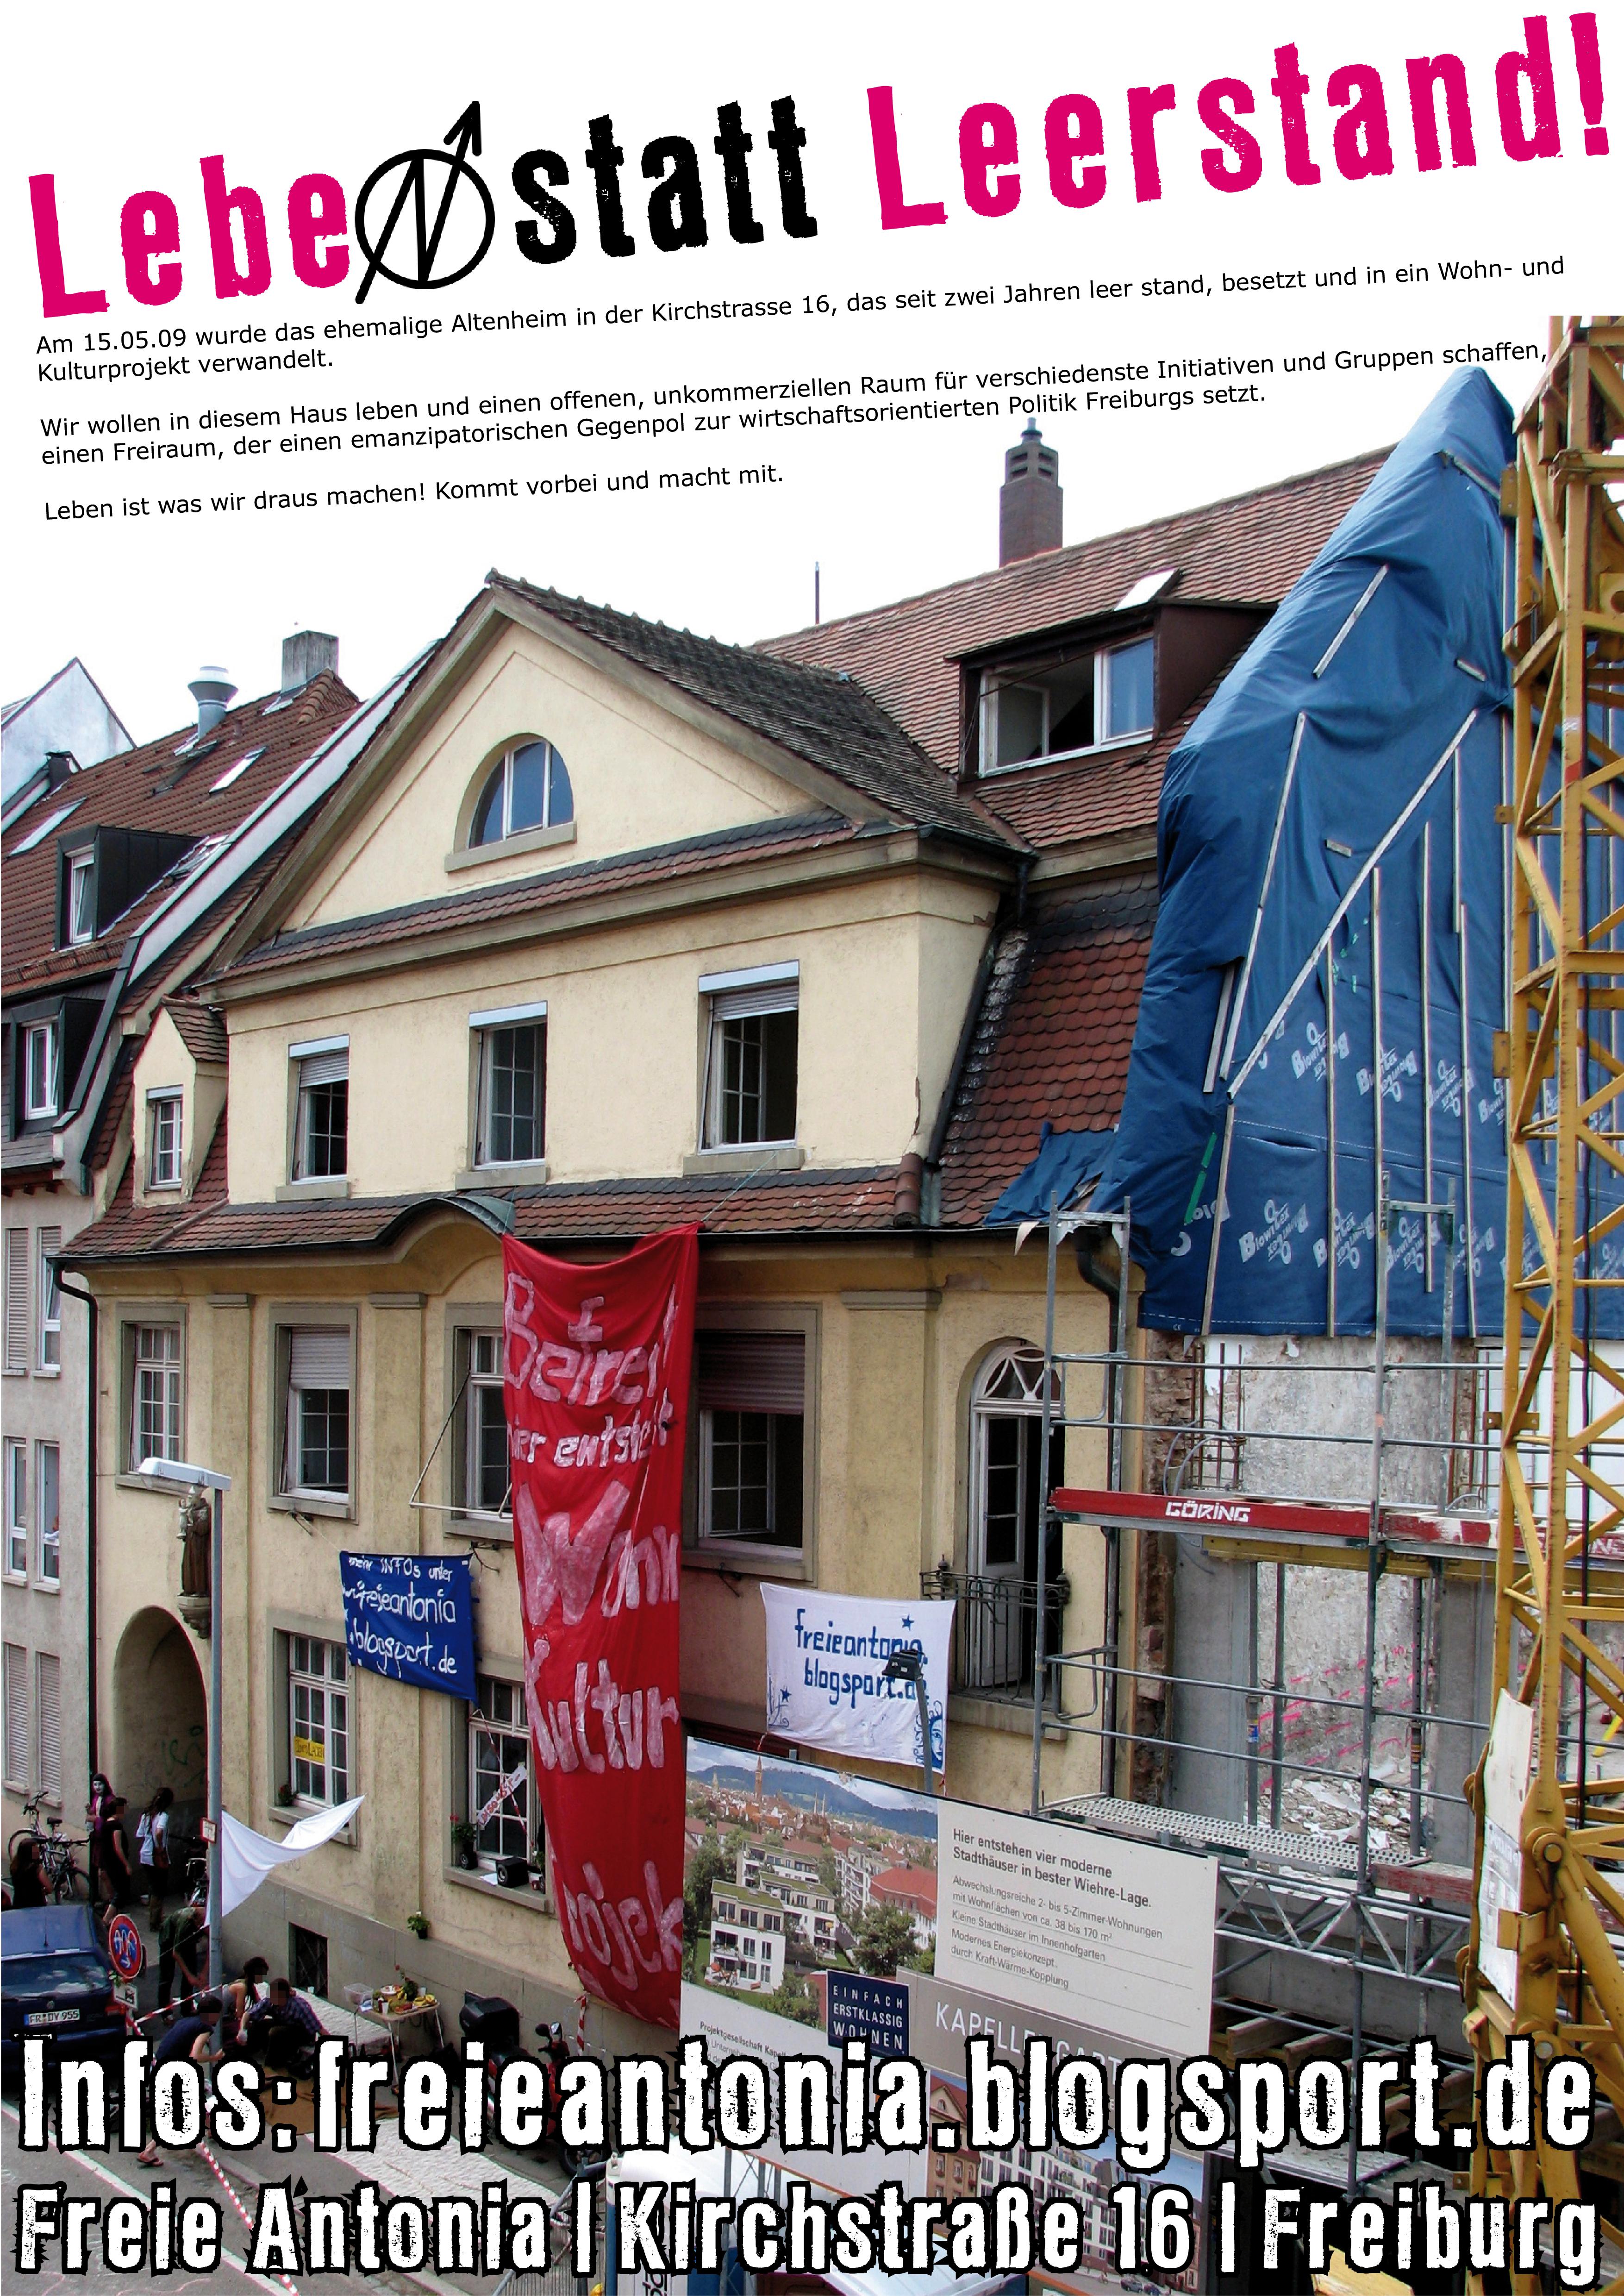 Kann gern als Plakat in Freiburg plakatiert werden. Do it yourself